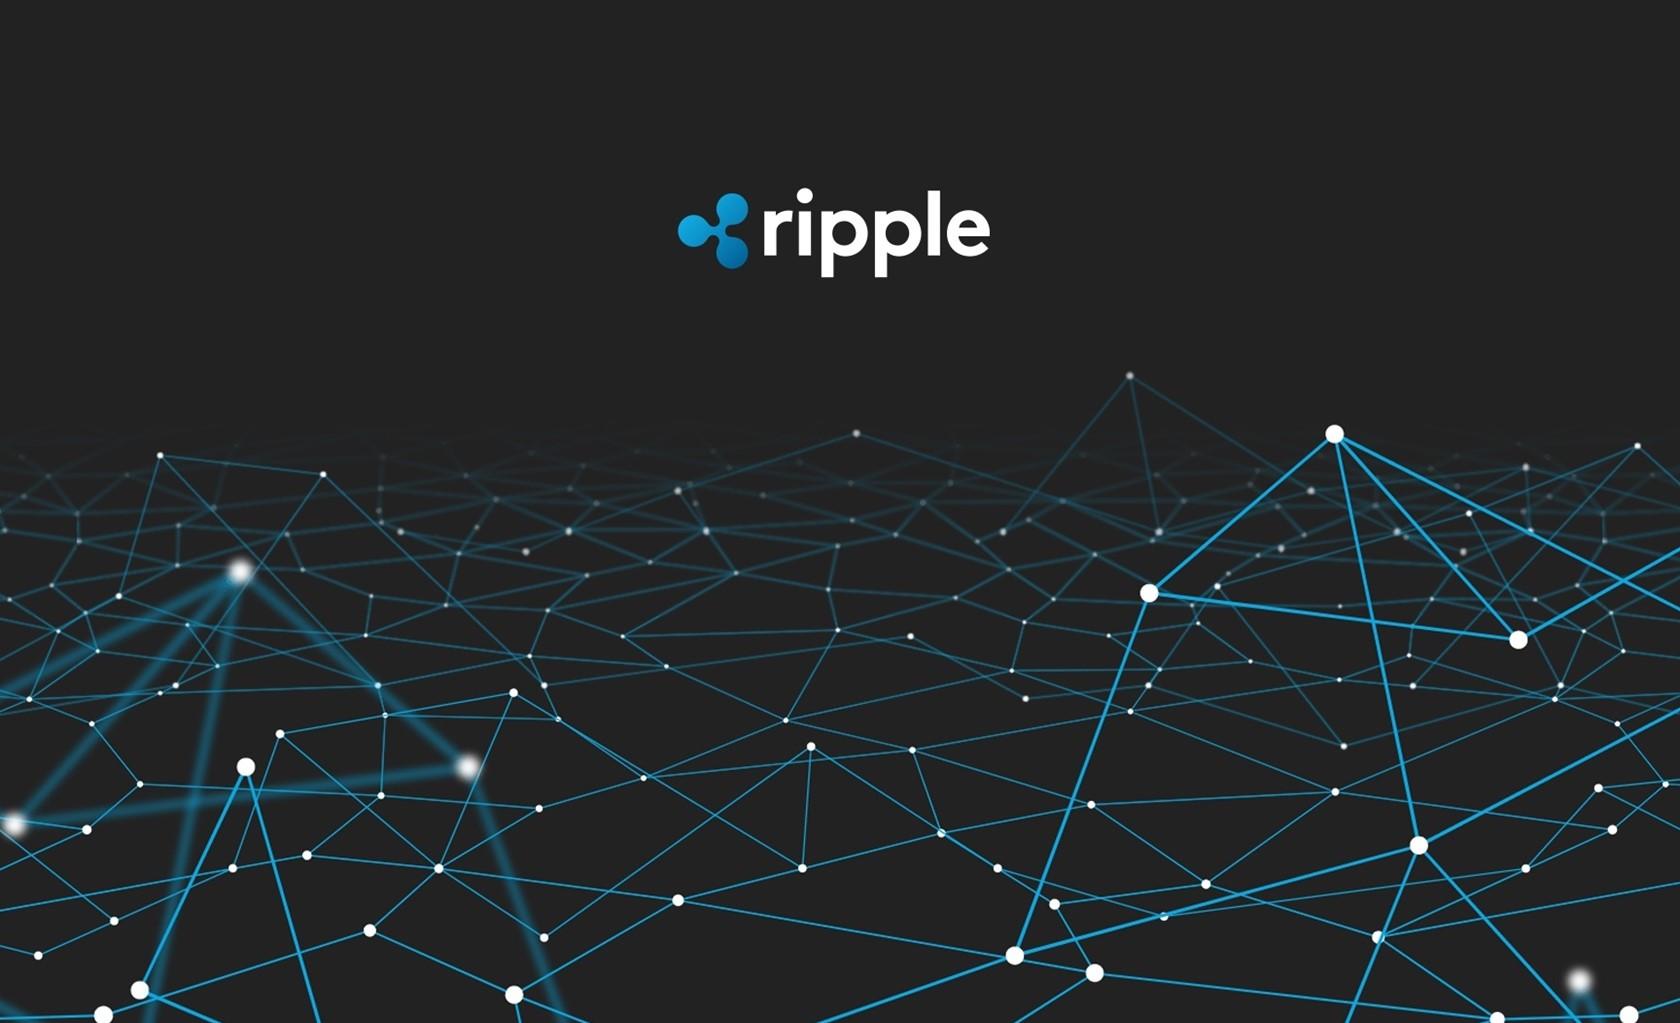 Ripple busca lograr que los pagos globales sean tan sencillos como enviar un correo electrónico o un mensaje de texto tras integrarse a PayID